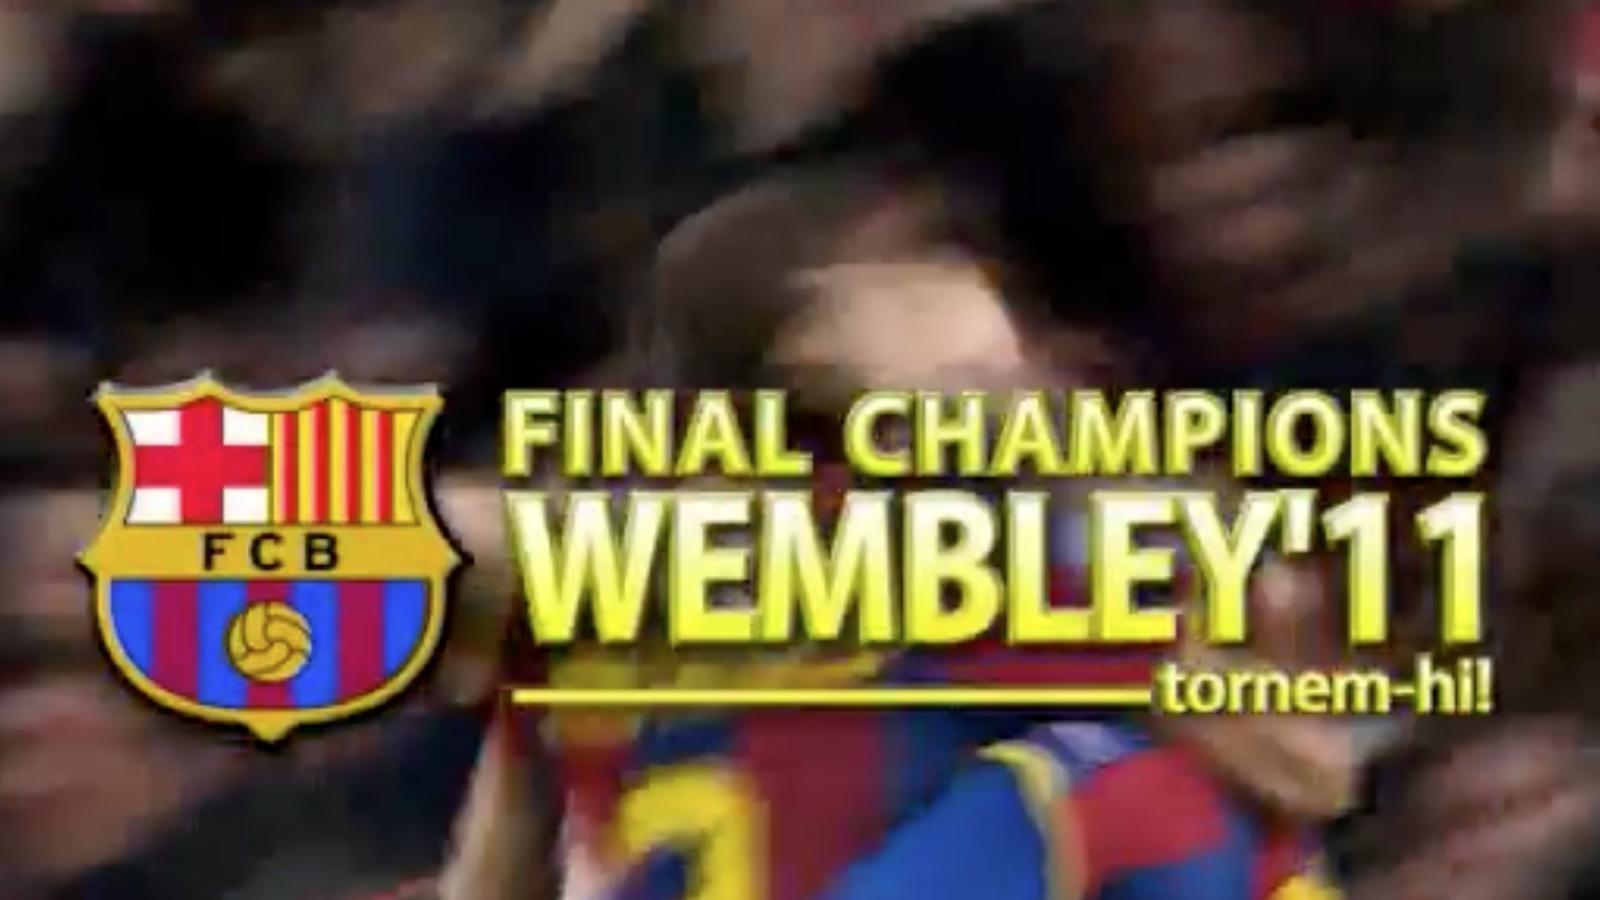 Vídeo del Barça per celebrar la classificació per a la final de Wembley.